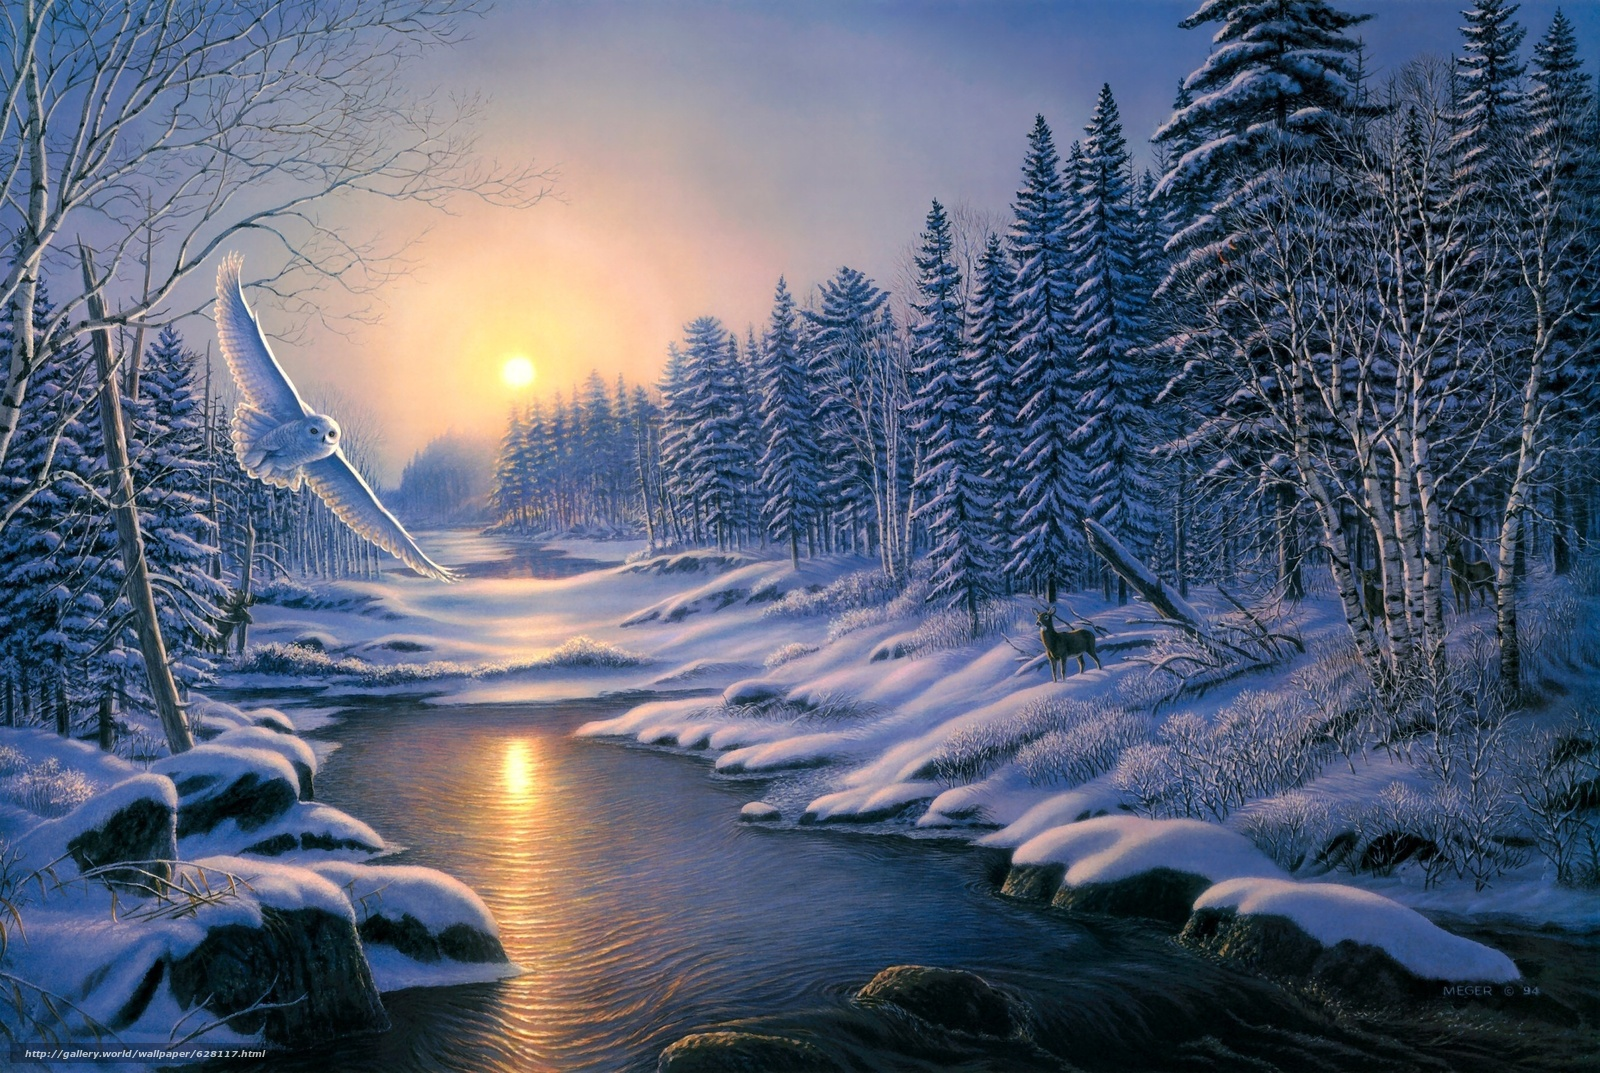 Скачать на телефон обои фото картинку на тему зима, закат, лес, деревья, река, сова, пейзаж, живопись, разширение 2730x1830